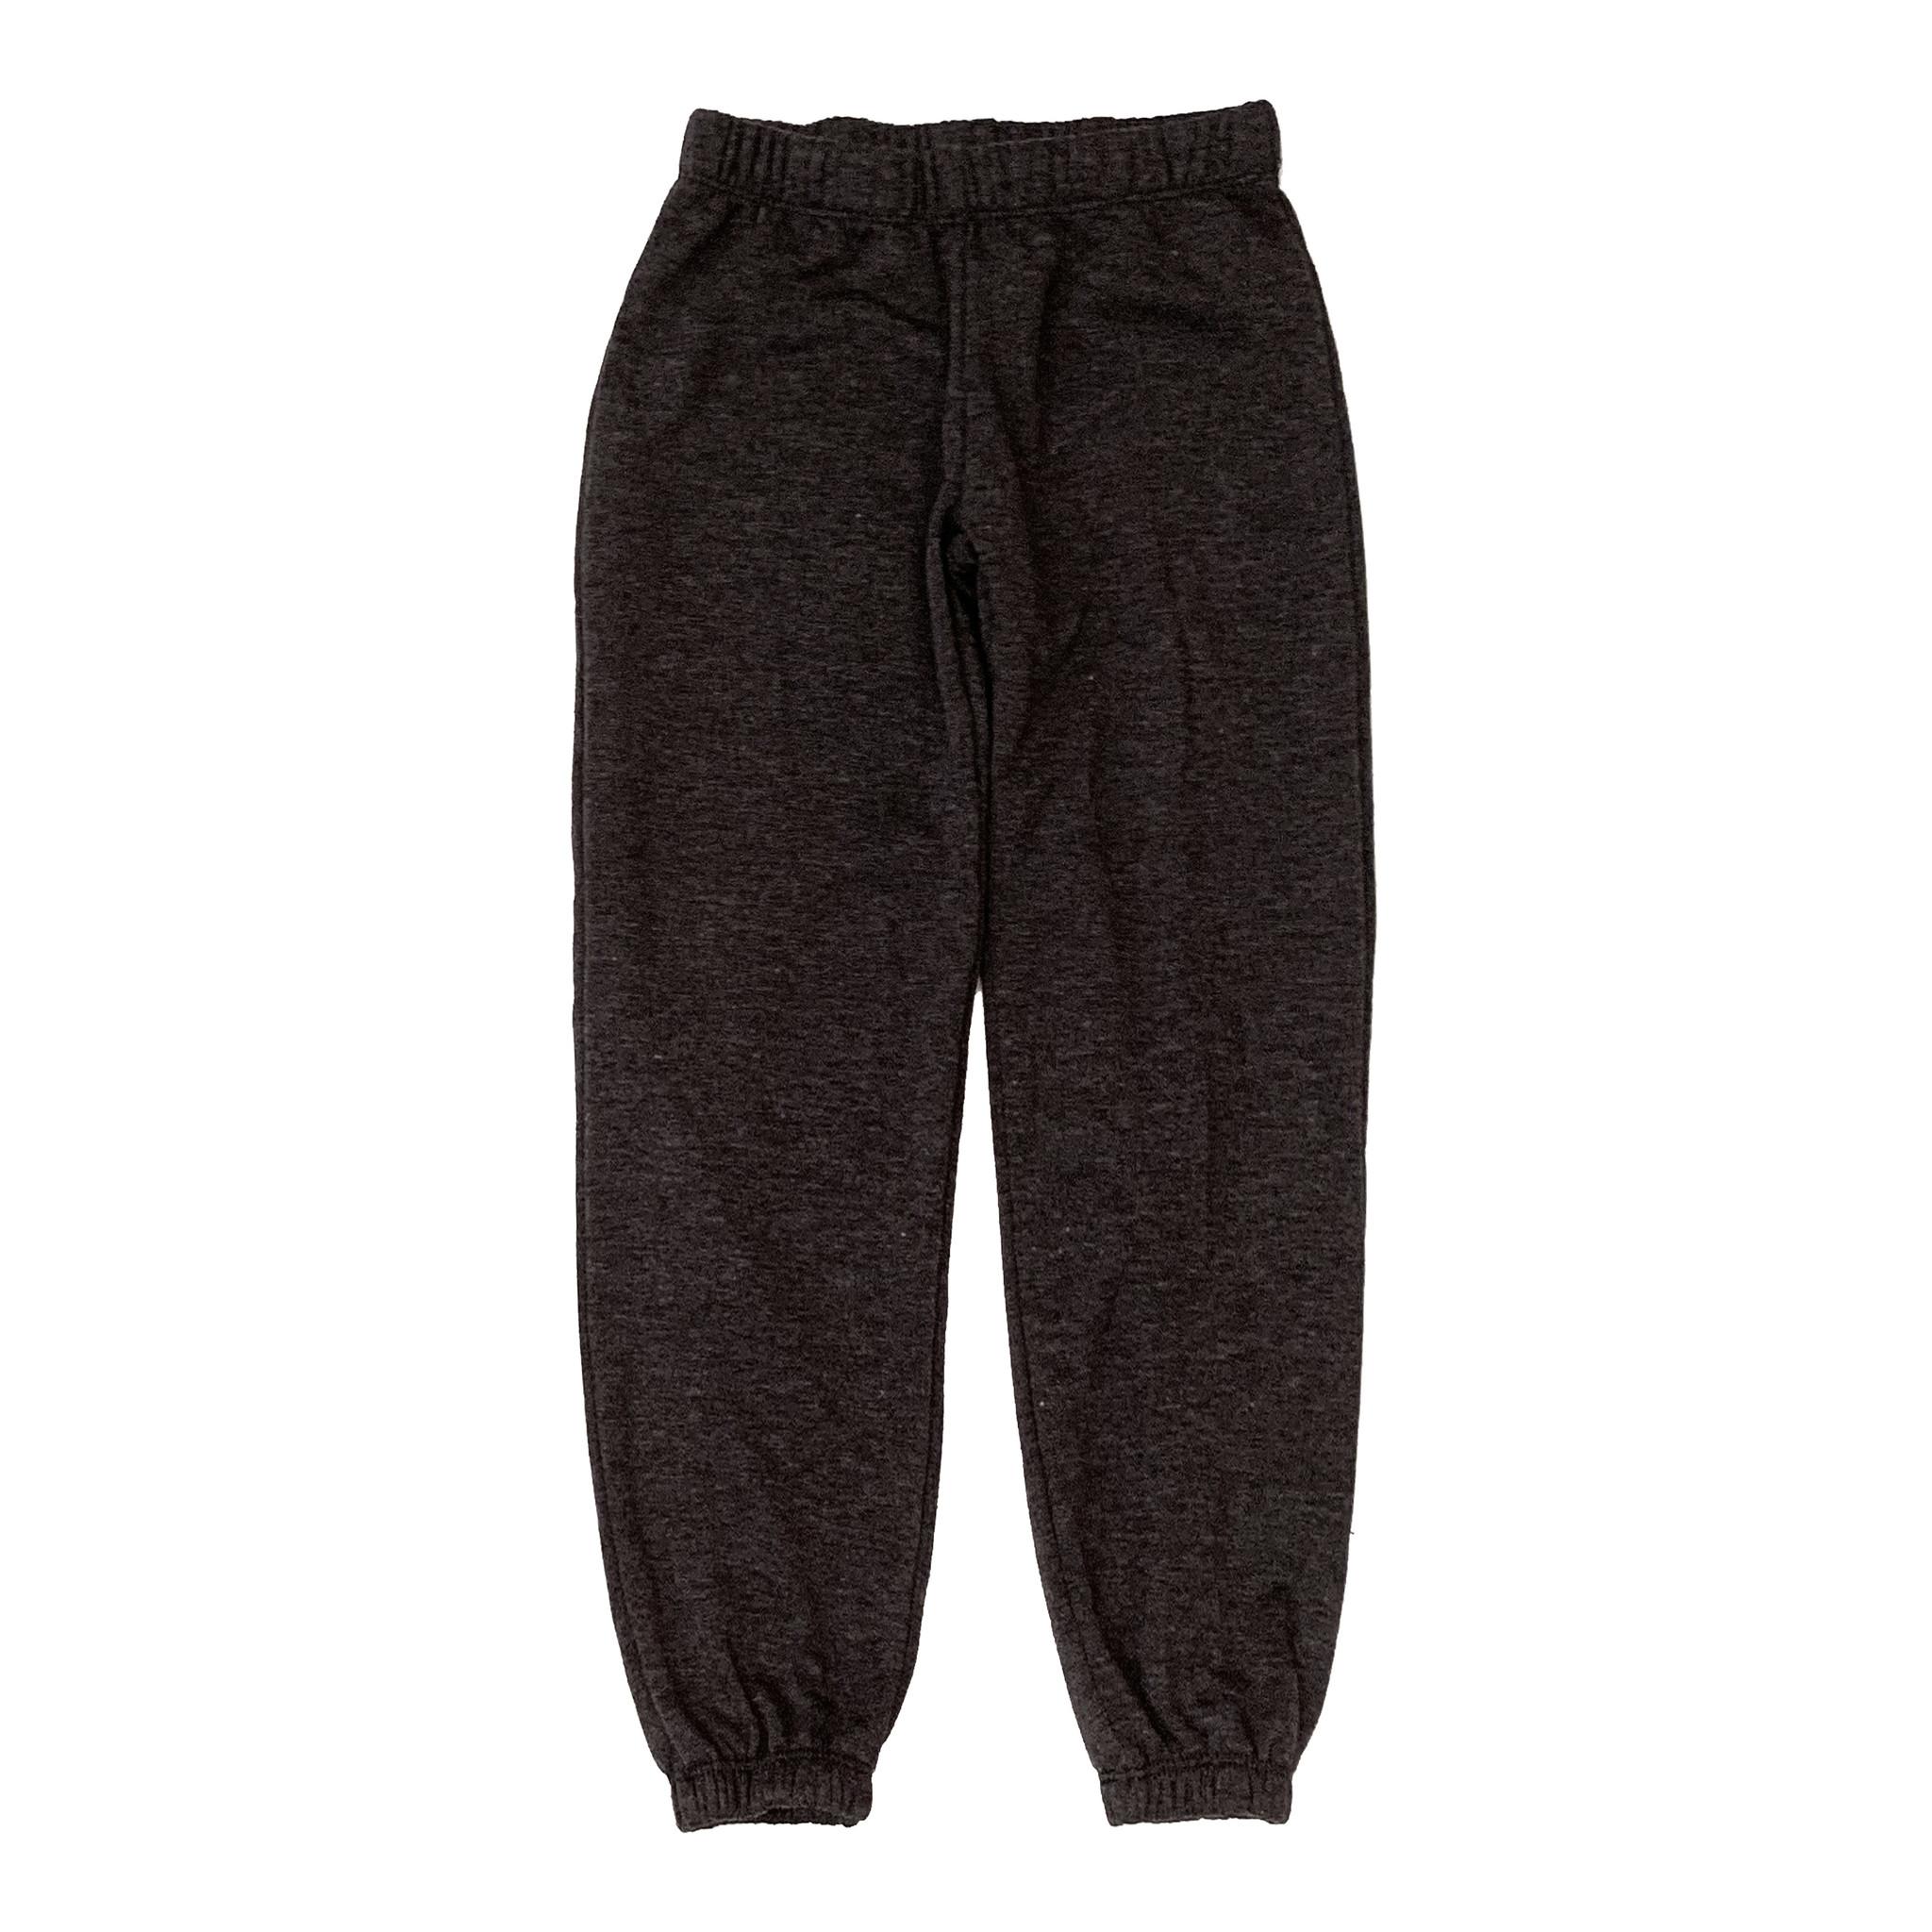 Firehouse Soft Charcoal Sweatpants